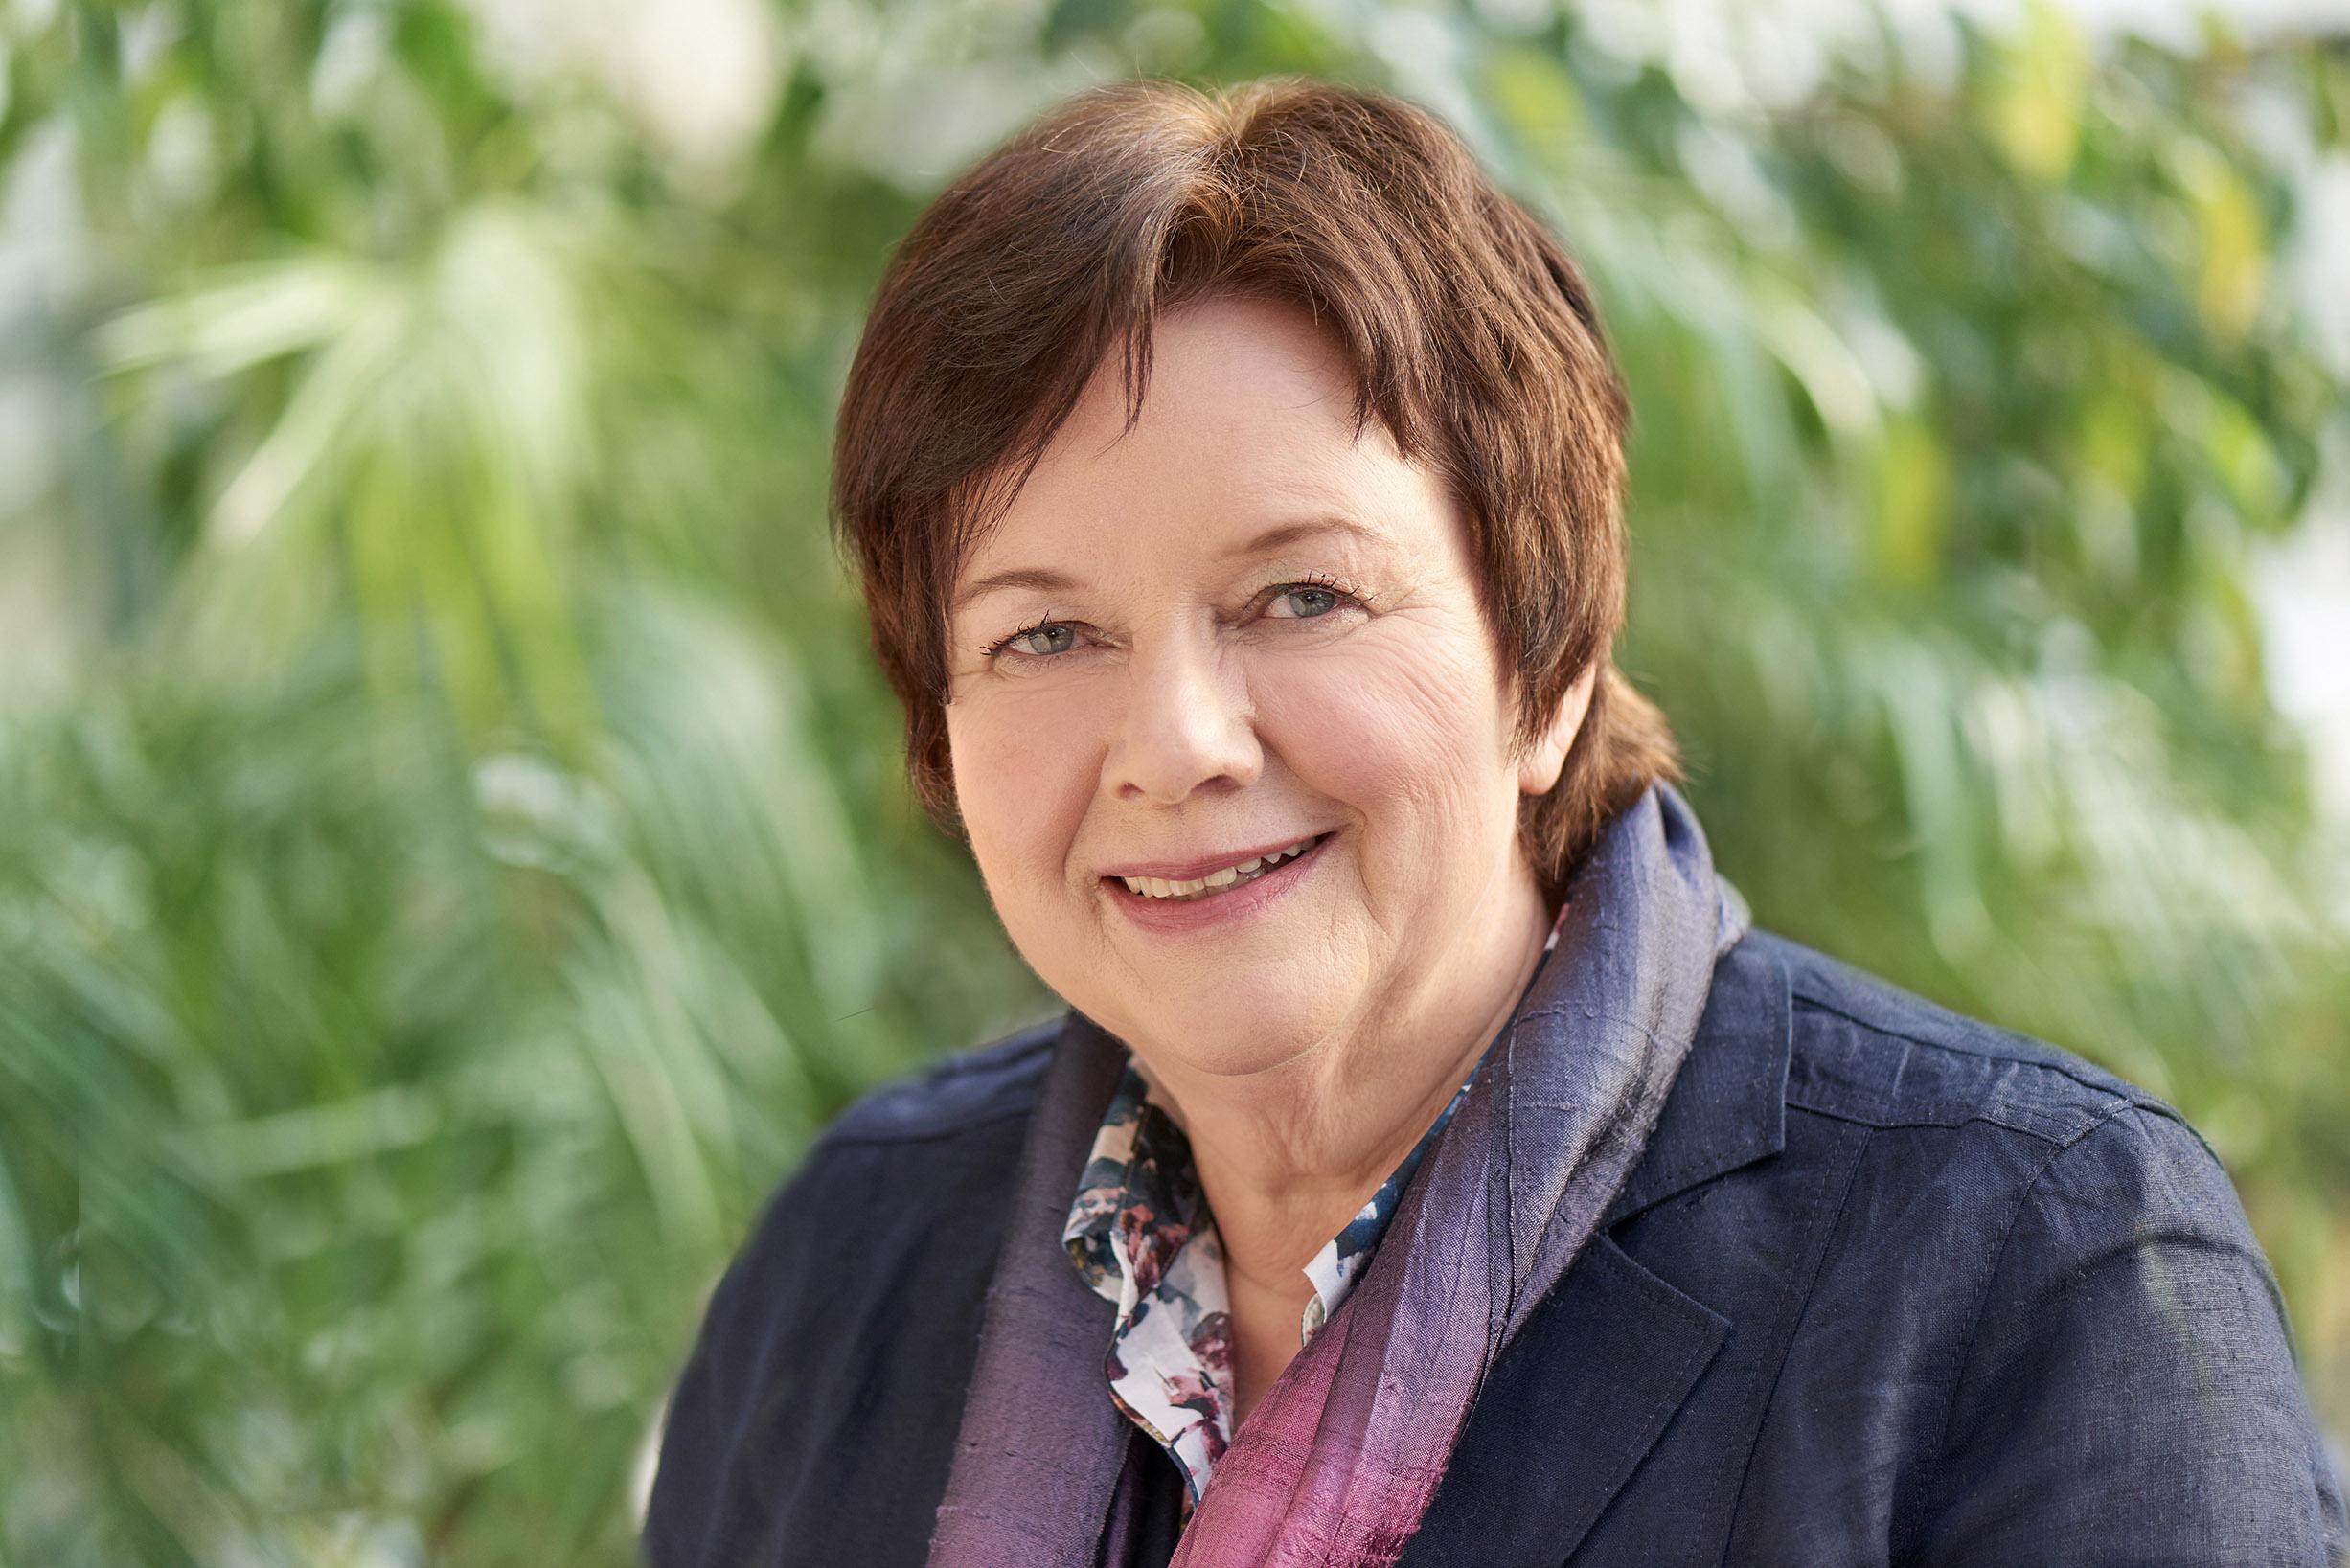 Susanne Specht